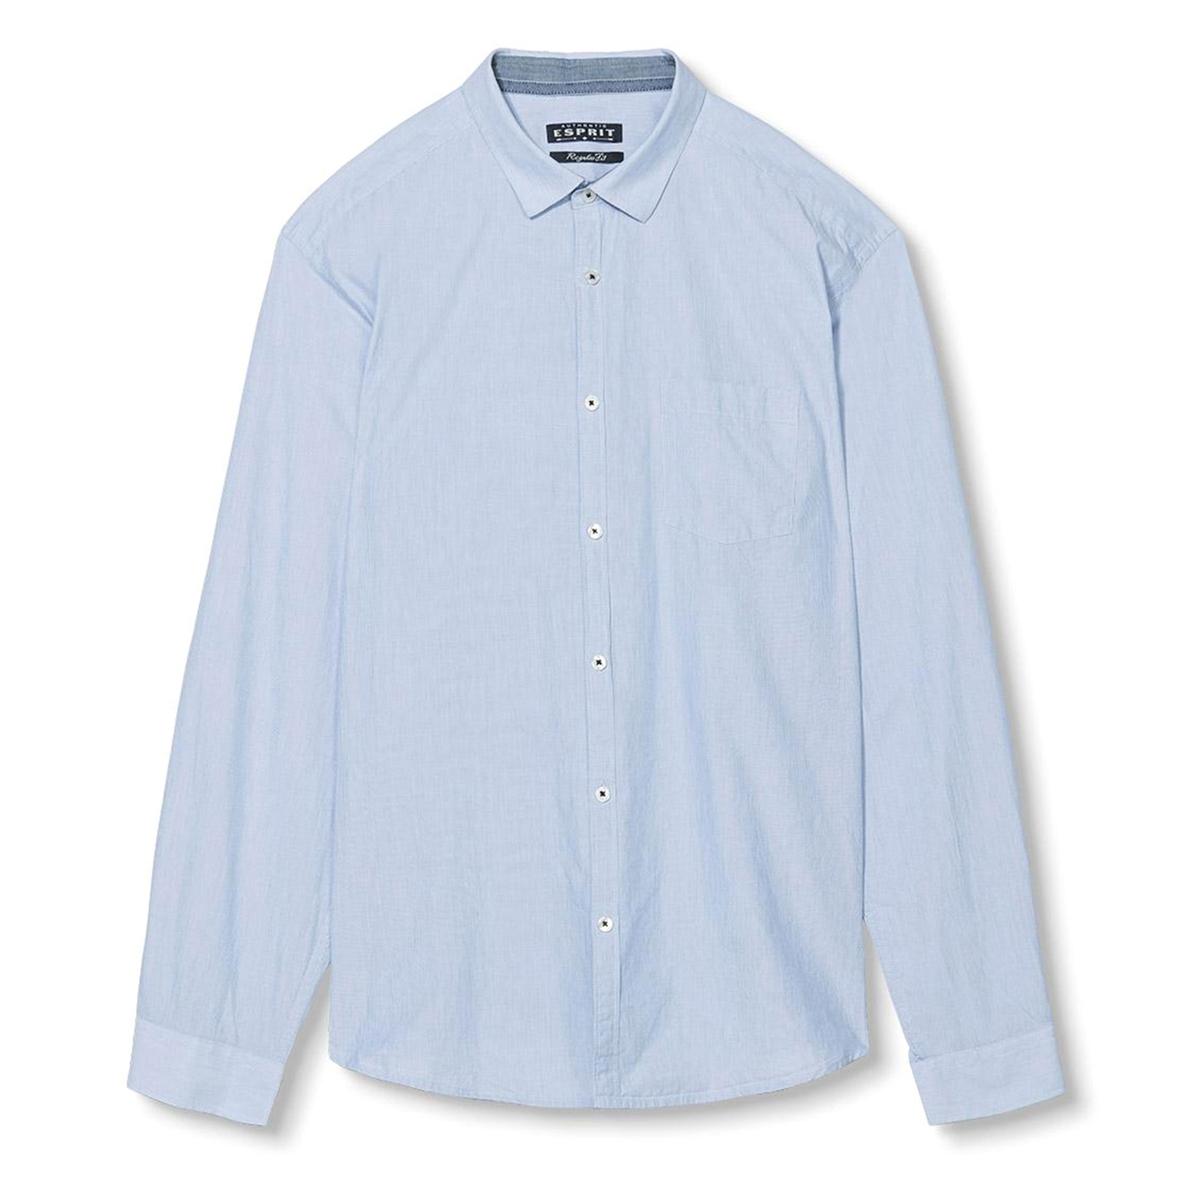 Рубашка в полоску, 100% хлопкаРубашка с длинными рукавами, ESPRIT. Прямой покрой, классический воротник. Рисунок в полоску. Манжеты на пуговицах. Состав и описание:Материал: 100% хлопка.Марка: ESPRIT.<br><br>Цвет: небесно-голубой